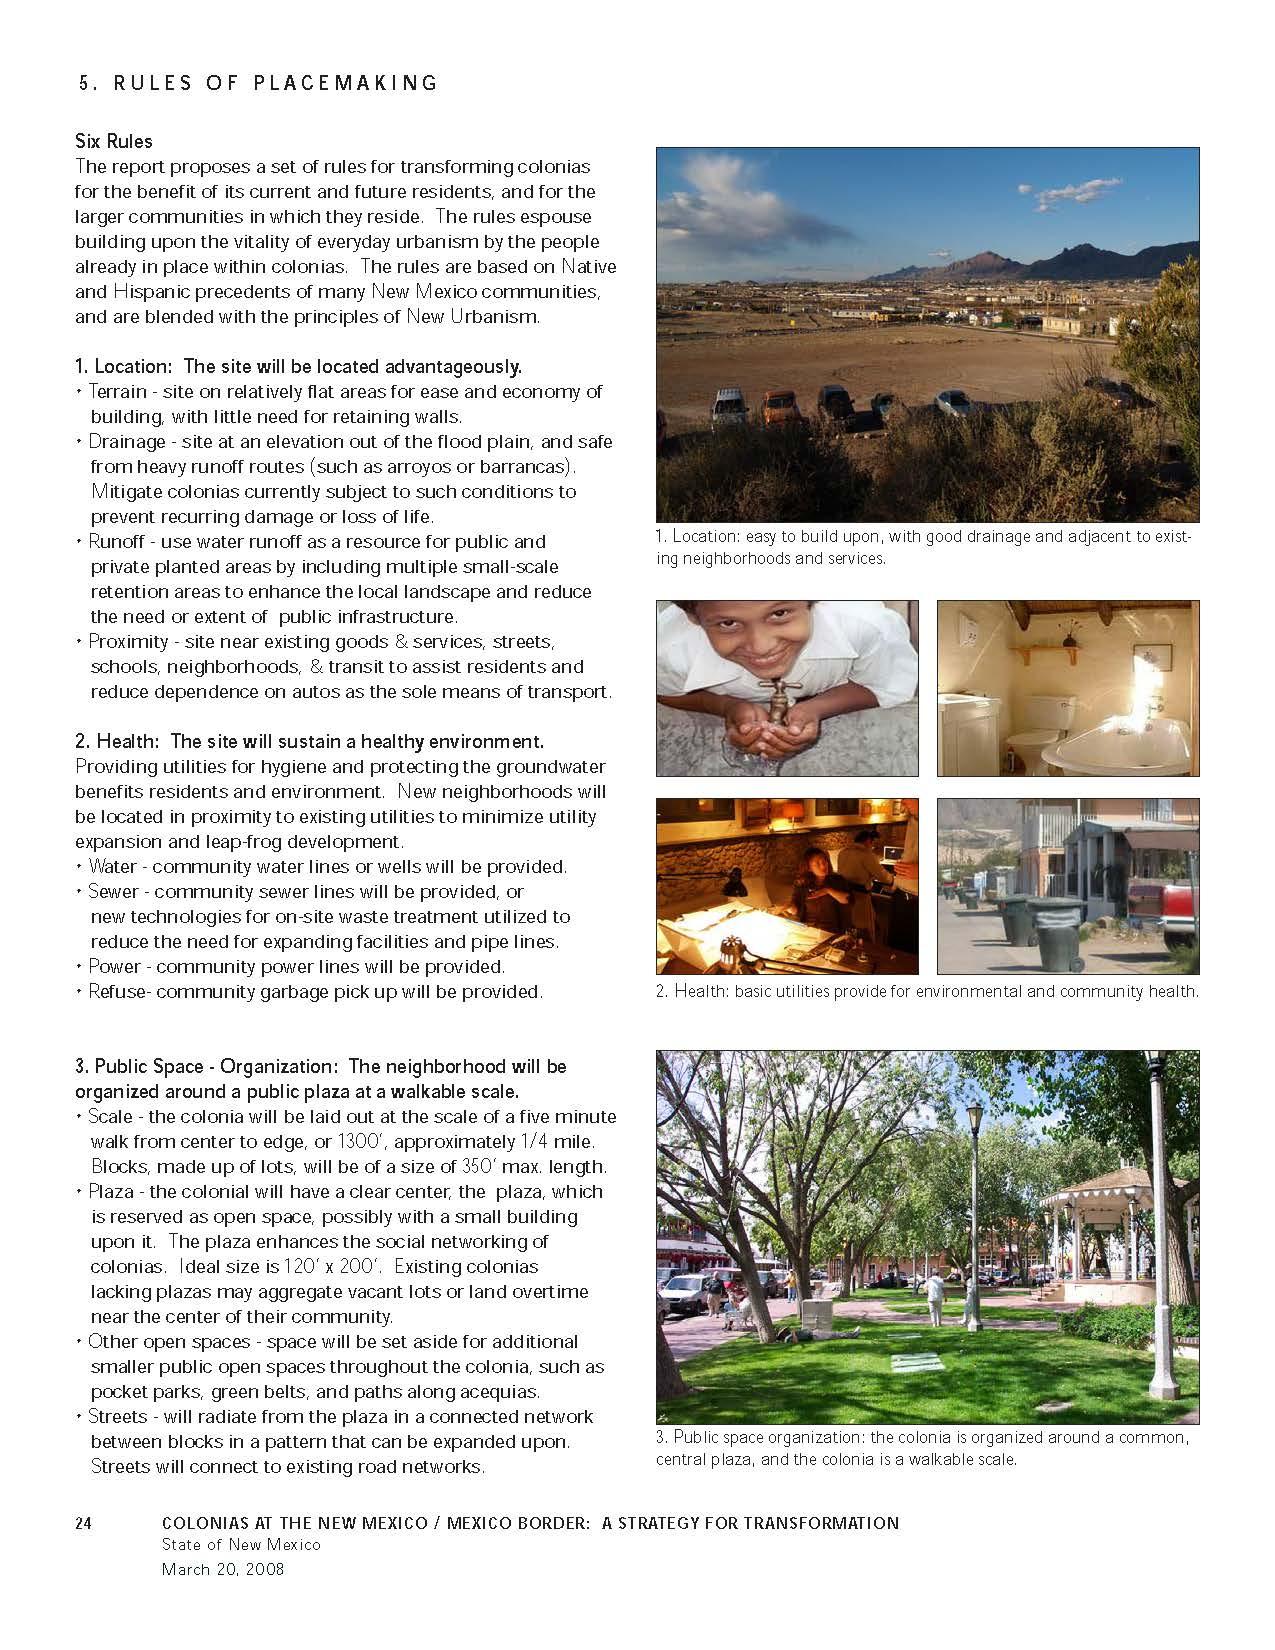 colonias_Page_24.jpg